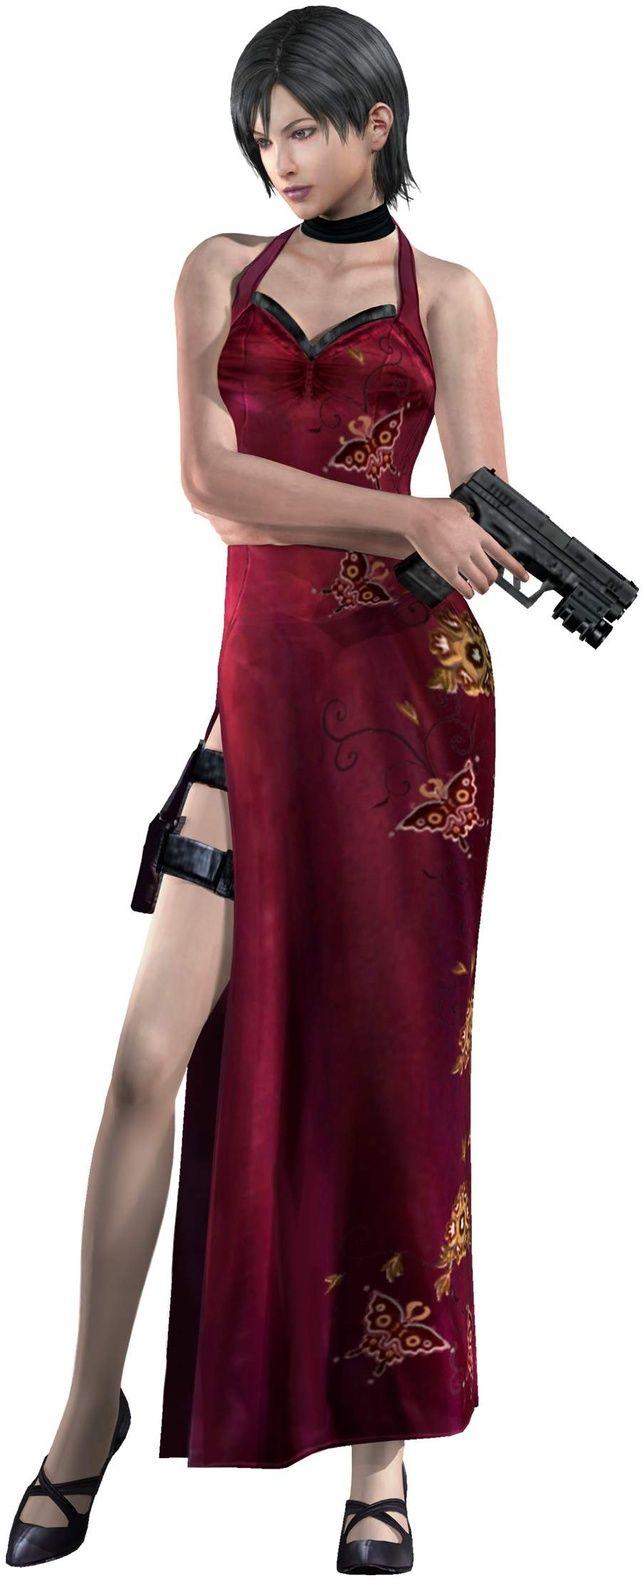 ada wong resident evil 4 wallpaper hd